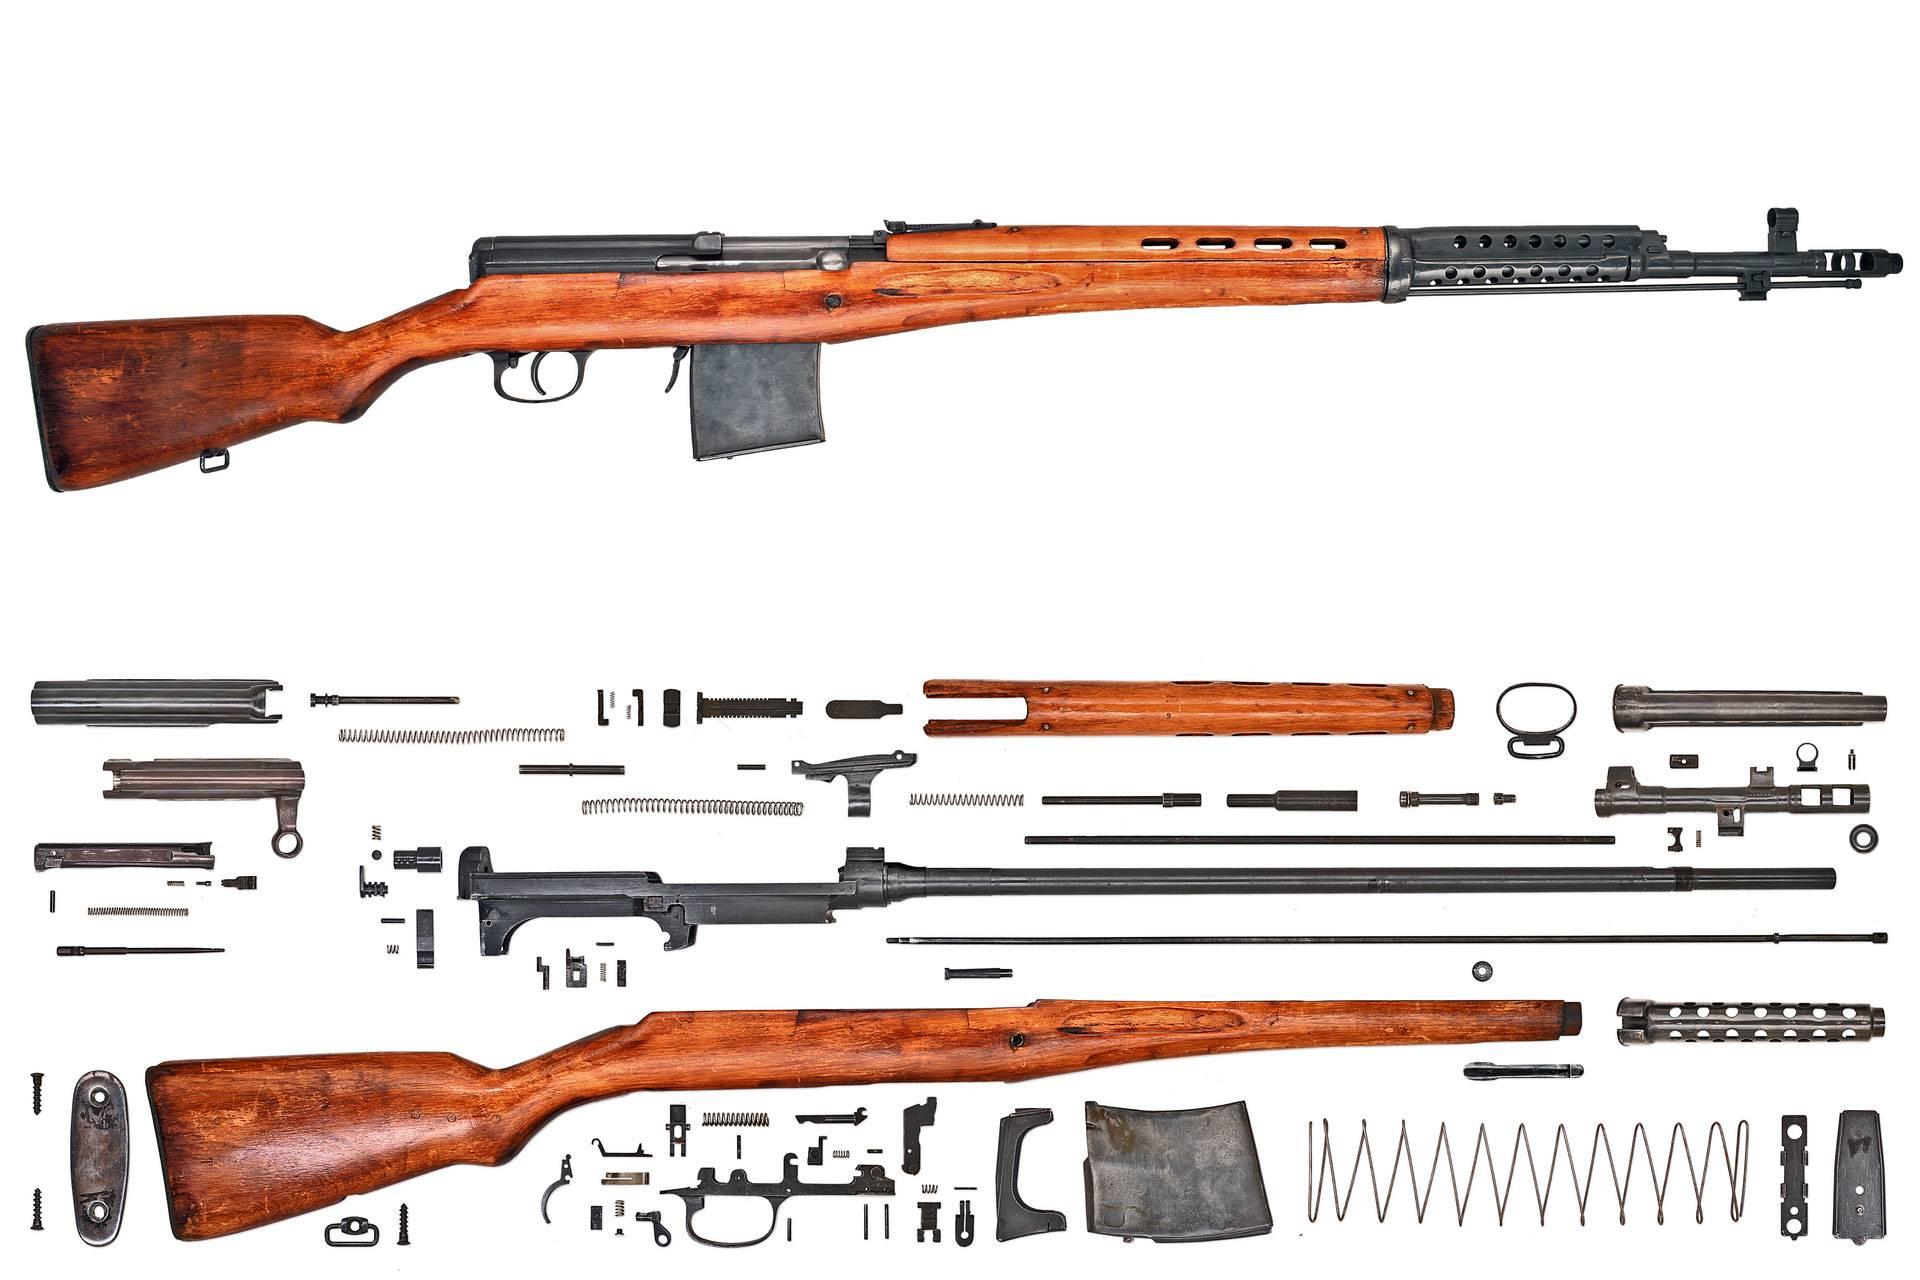 Свт-40: чем новейшая советская винтовка была хуже дореволюционной «мосинки» | русская семерка